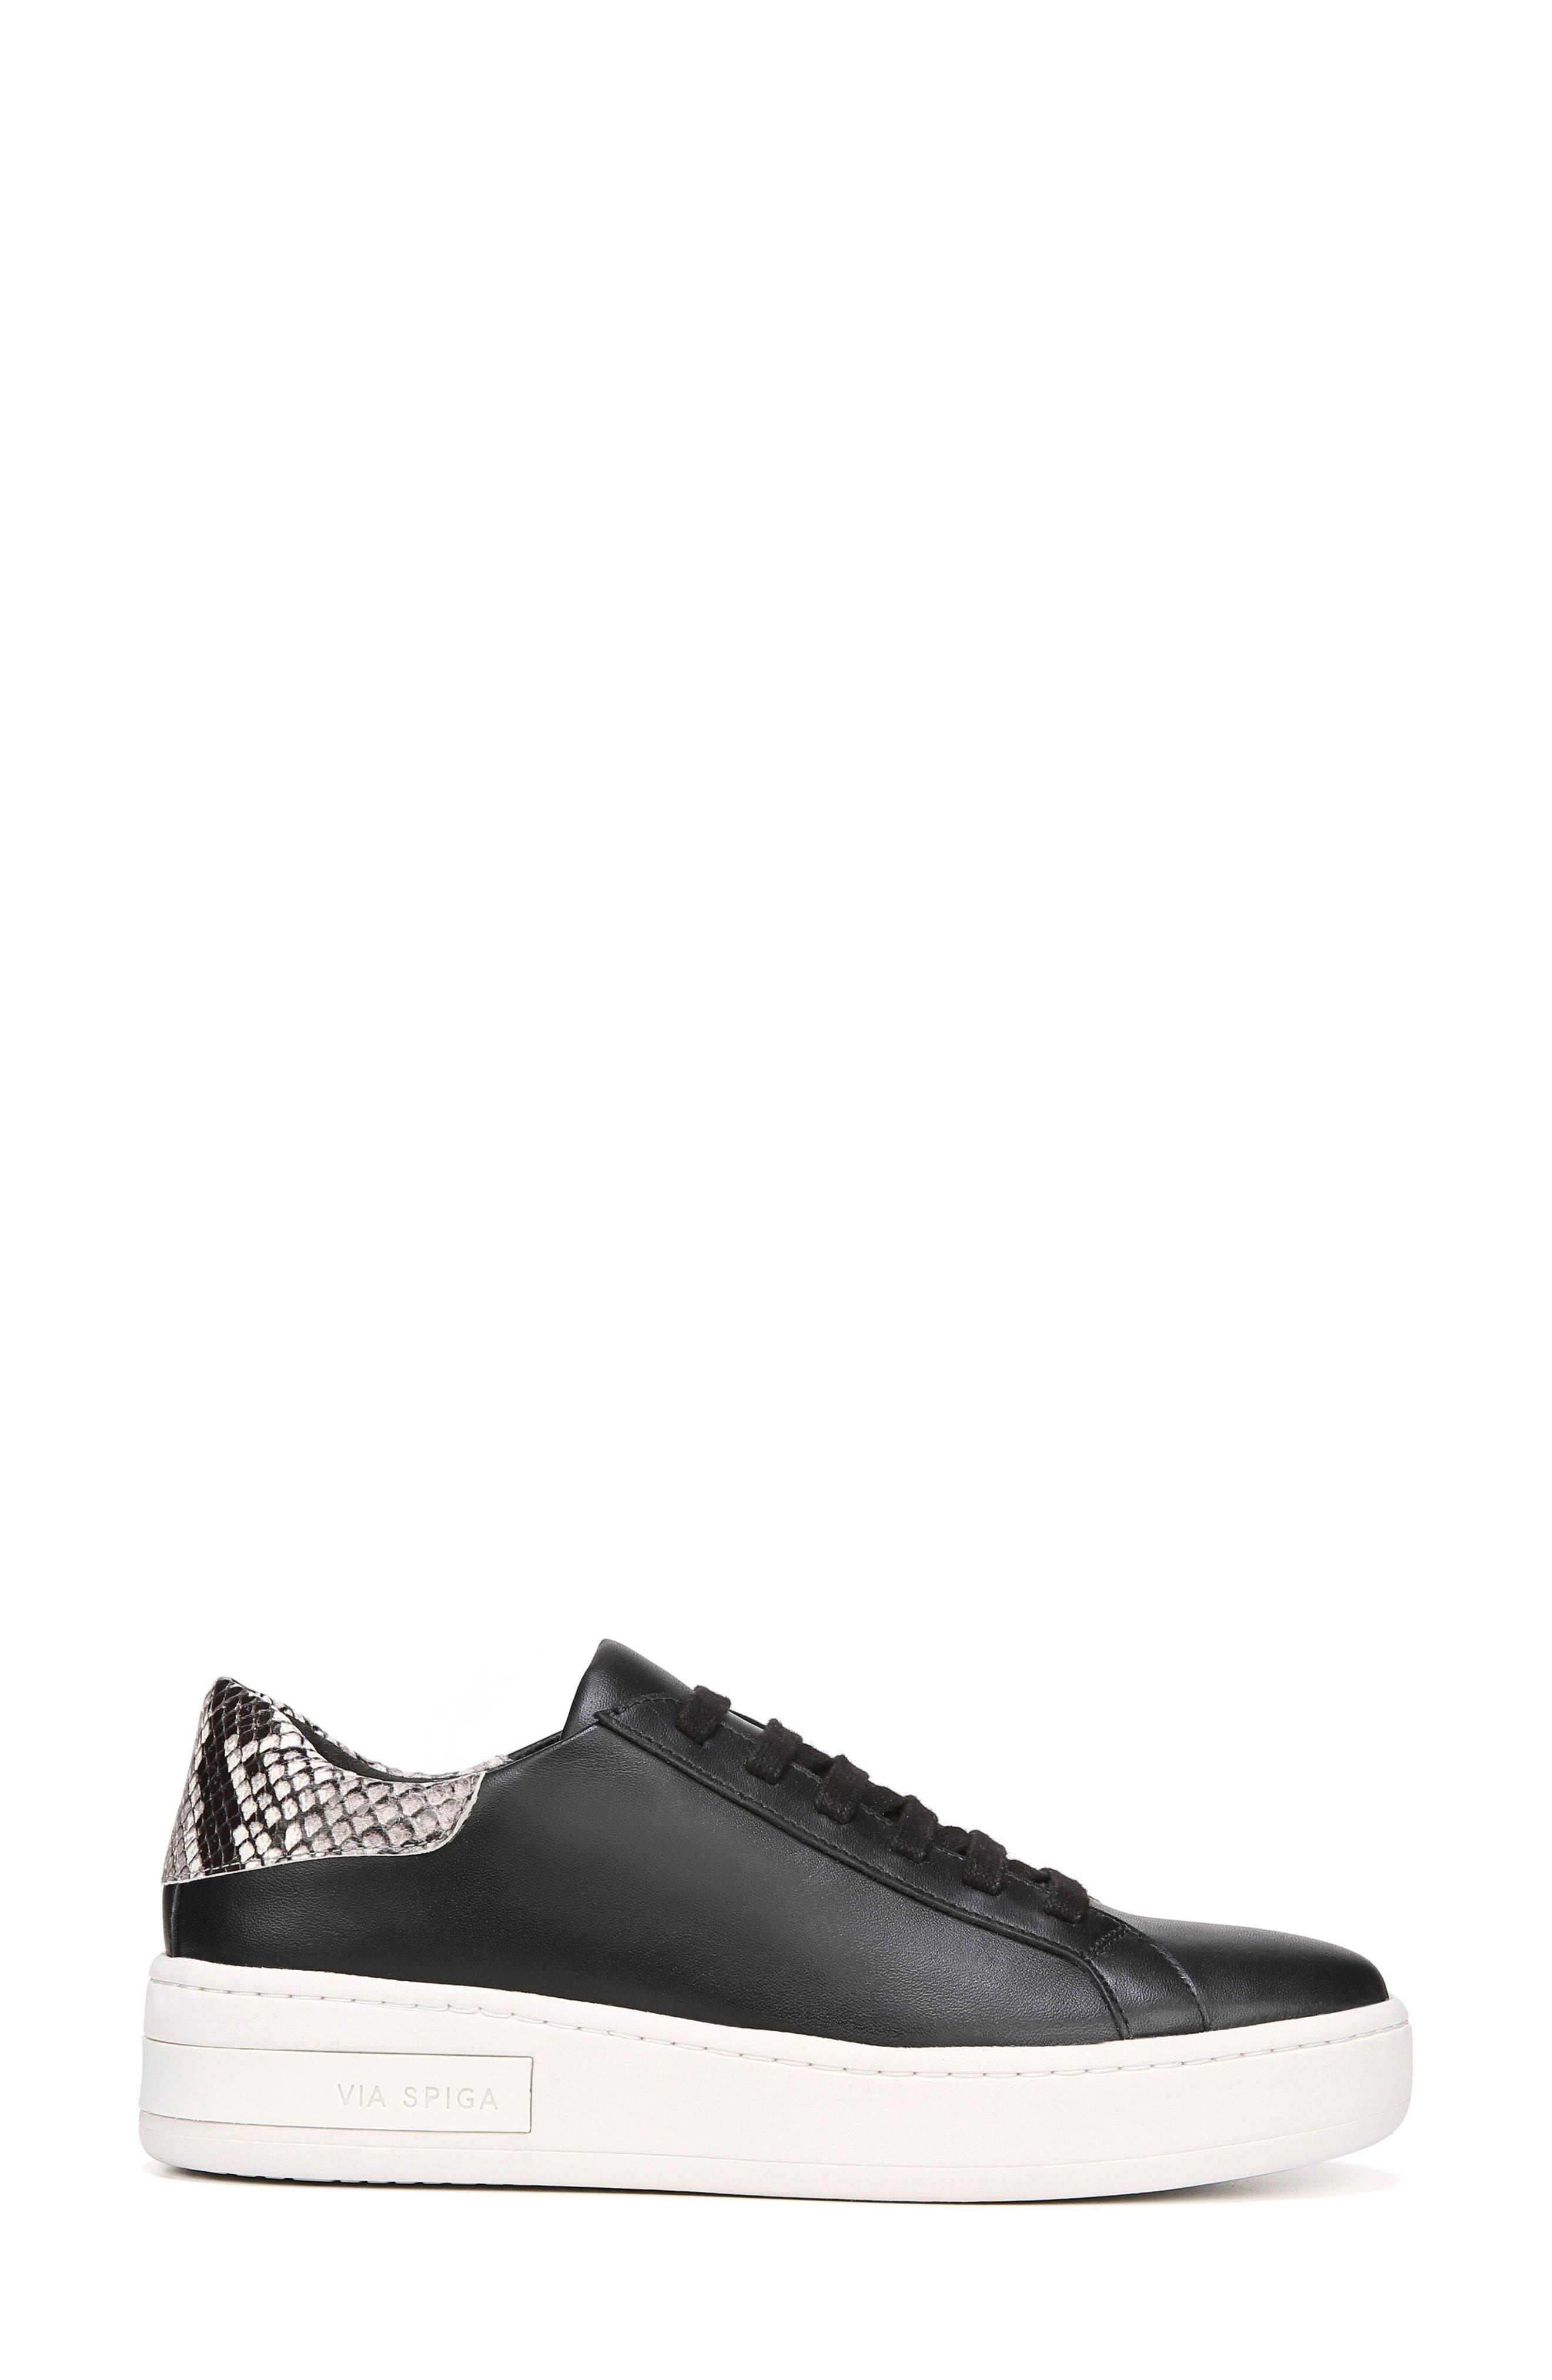 Rylen Platform Sneaker,                             Alternate thumbnail 3, color,                             BLACK/ BLACK/ WHITE LEATHER